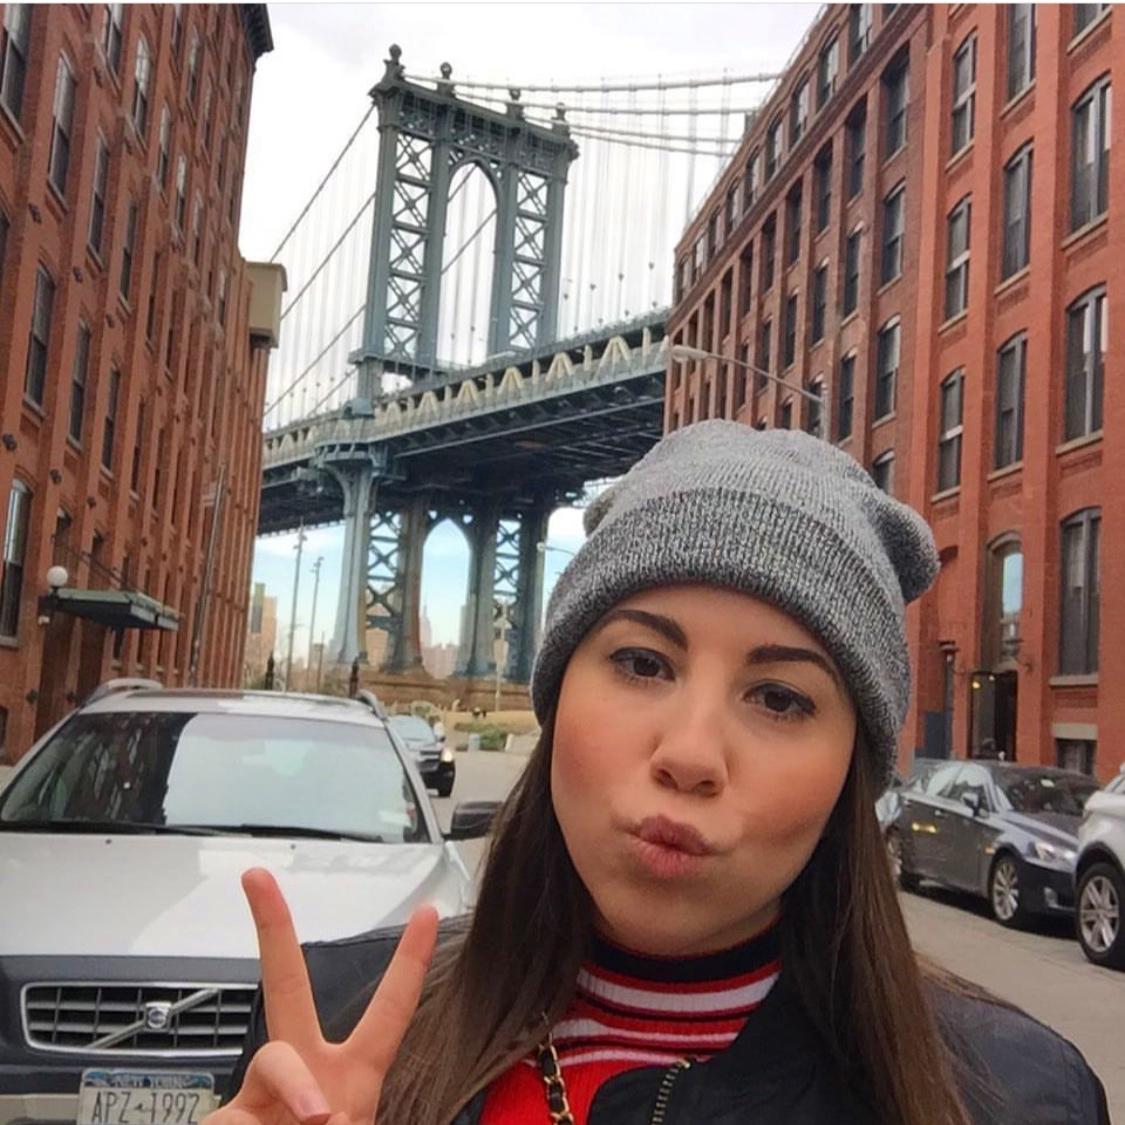 sarah jane lawes as sarah jane - instagram: @sarahjlawesemail: sarahjlawes@gmail.com